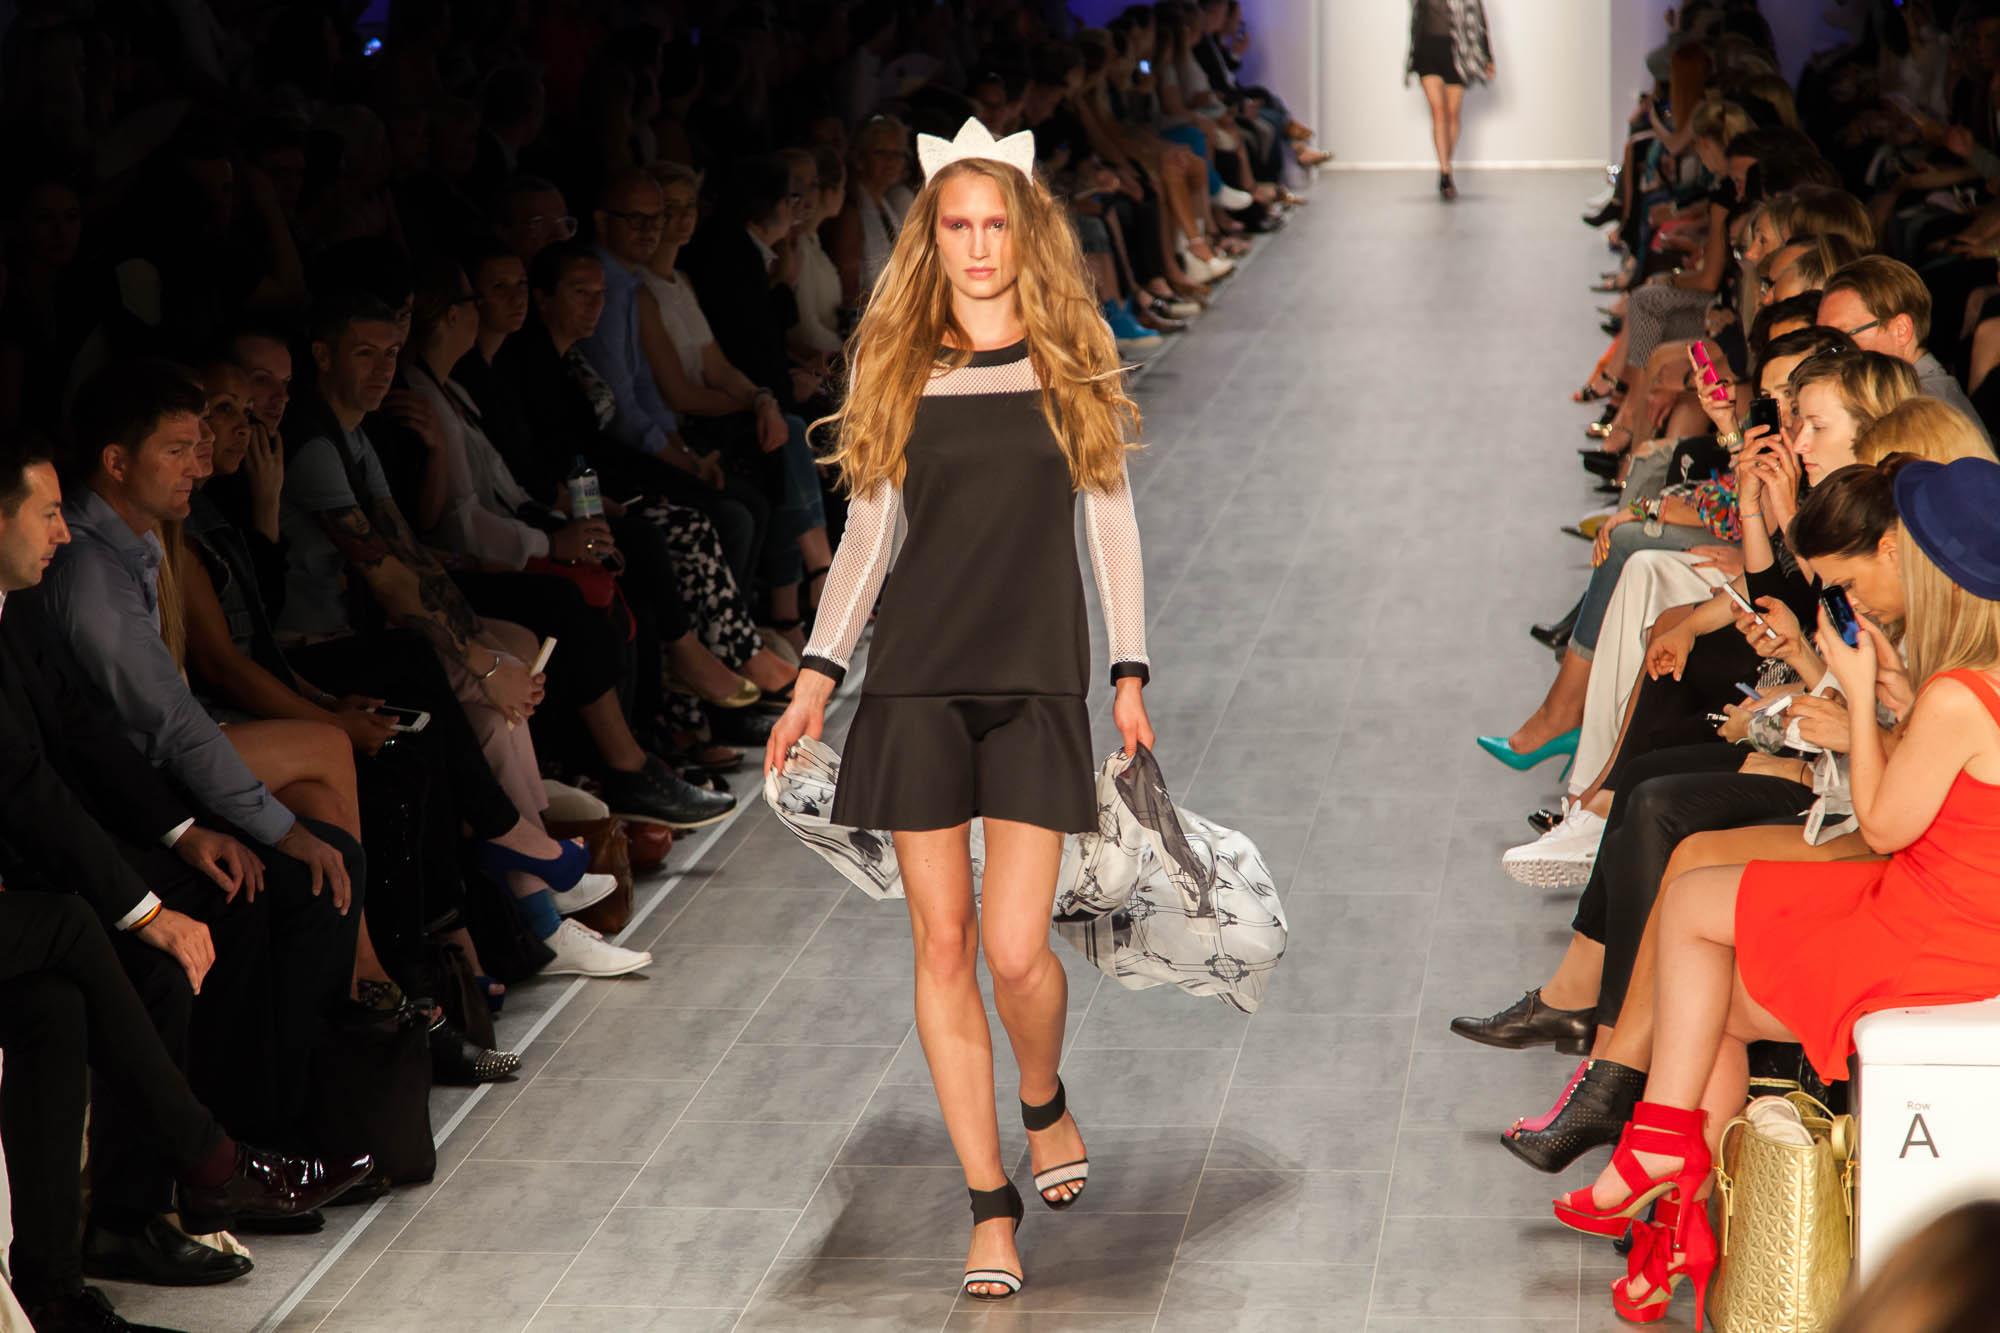 20140709-Fashionweek-glaw-03